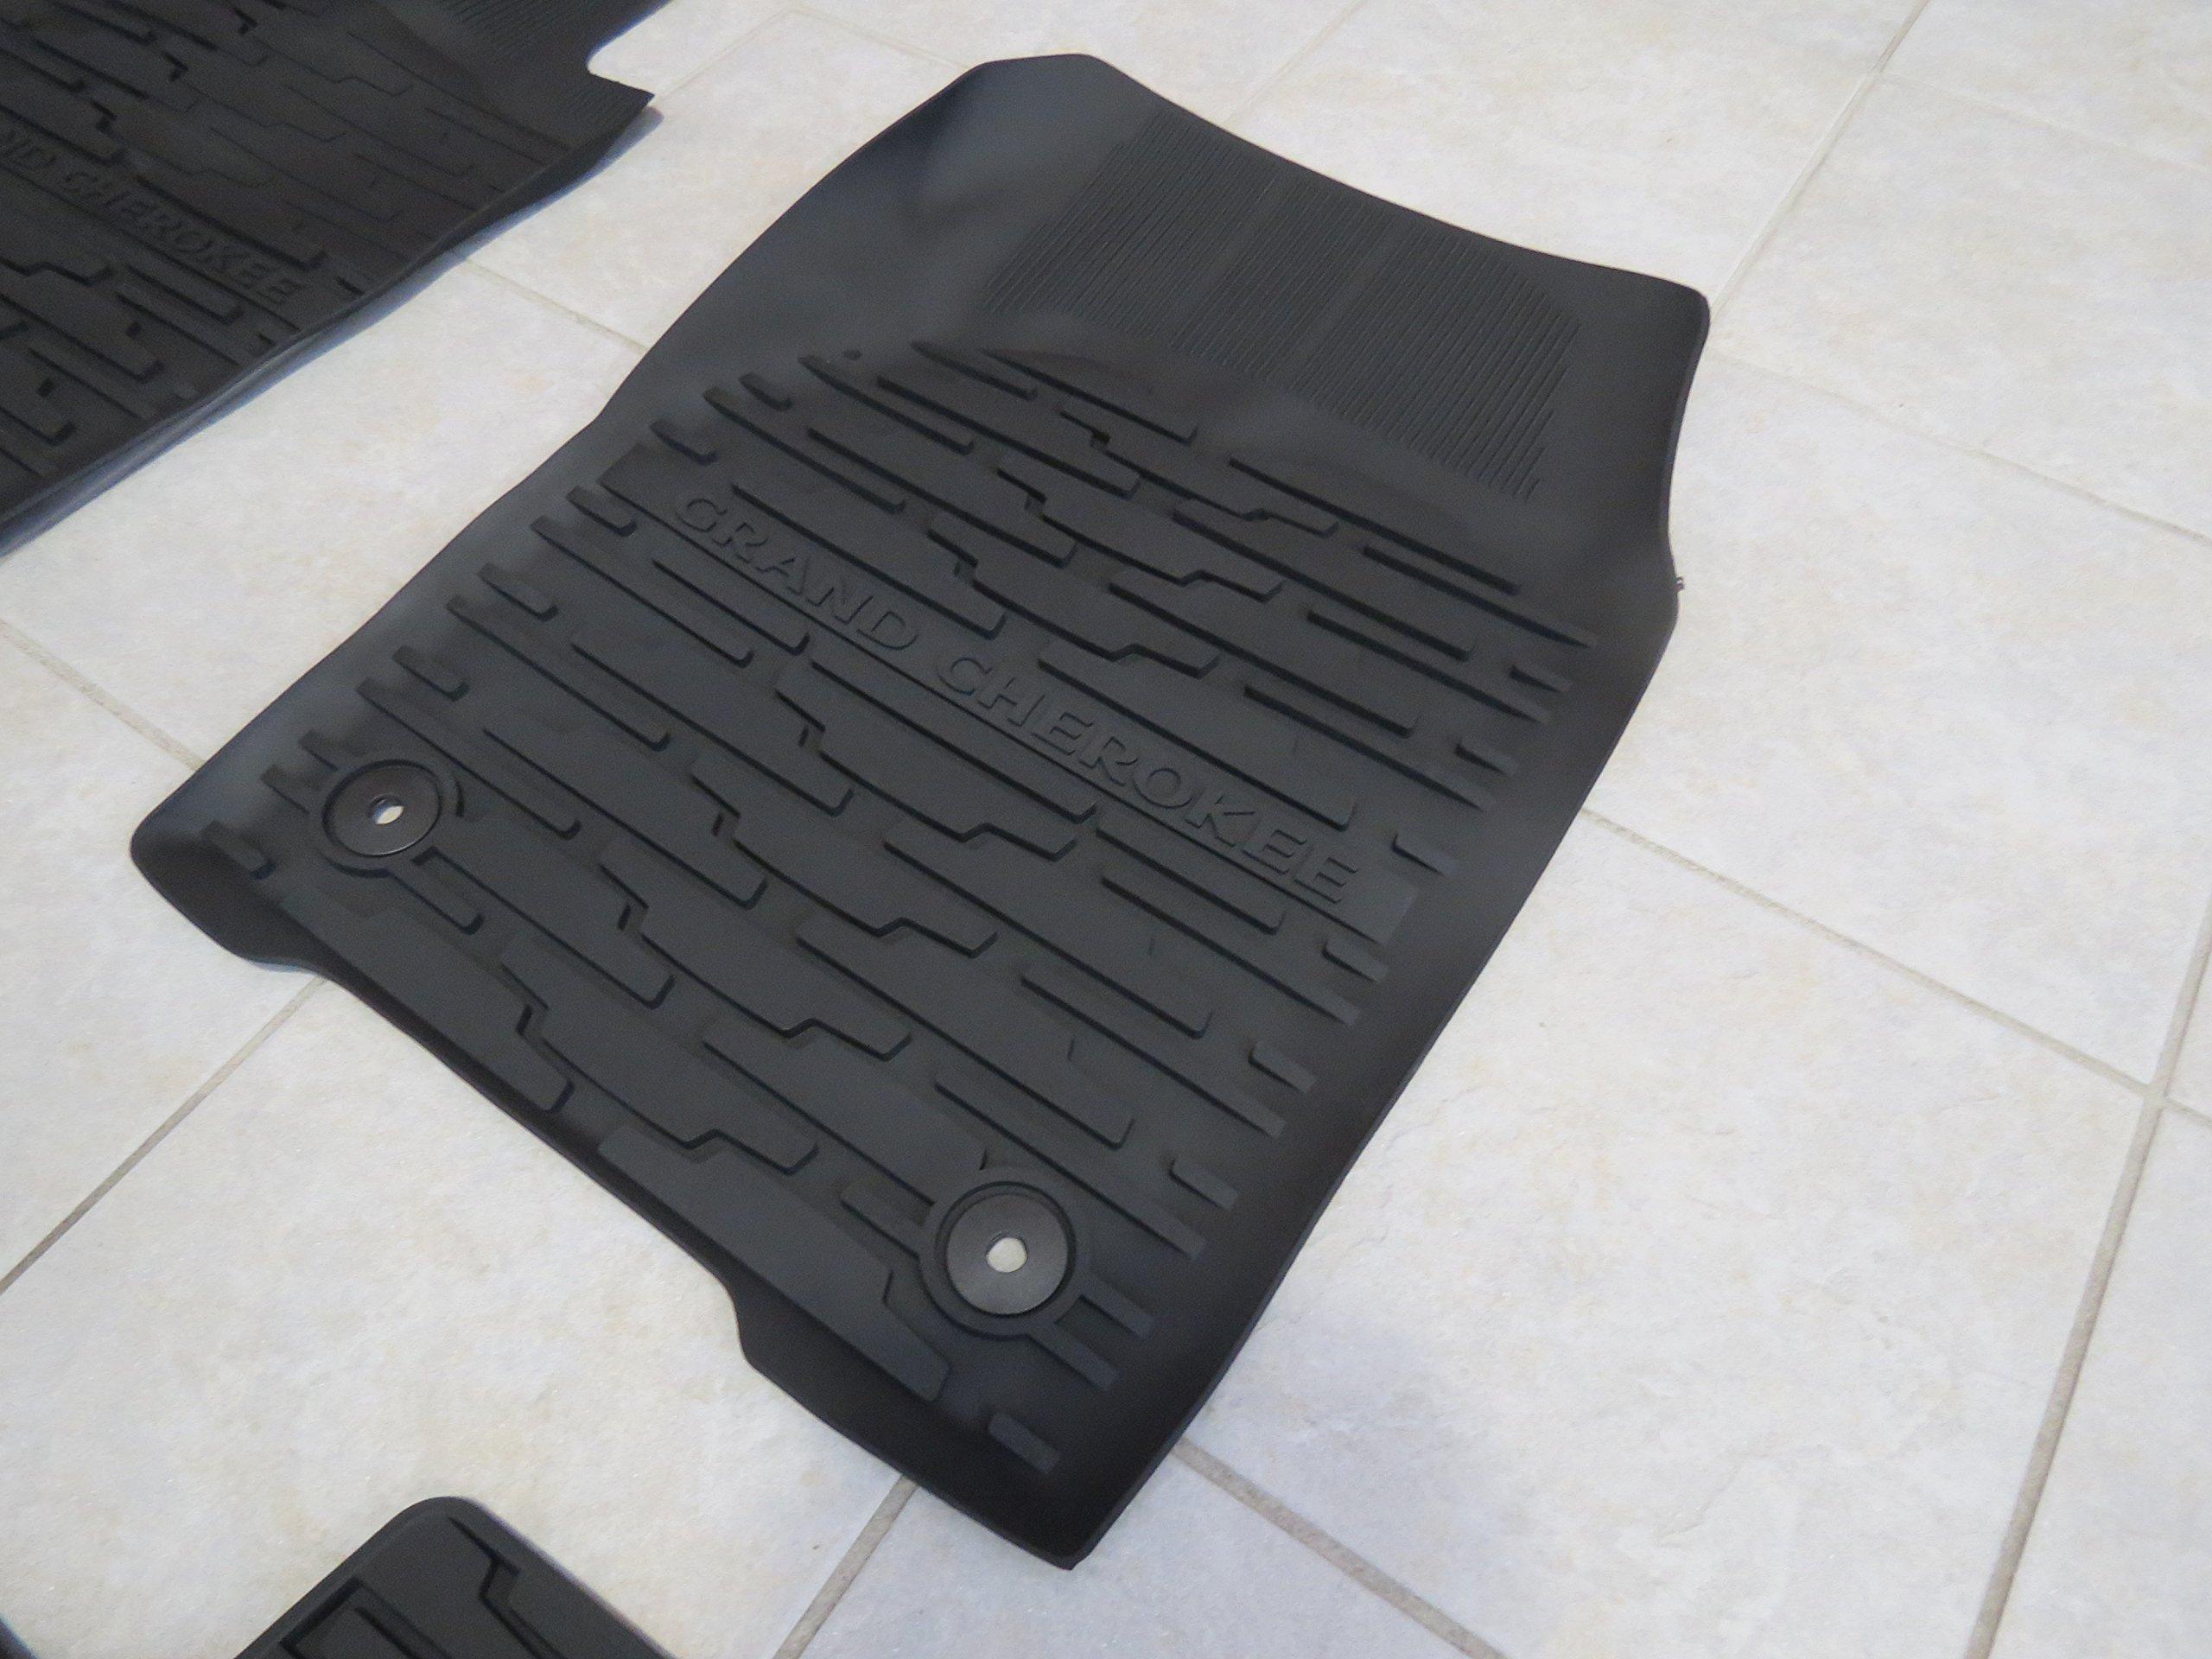 Jeep Grand Cherokee Rubber Slush Floor Mats & Cargo Tray Liner Set Mopar by Mopar (Image #4)